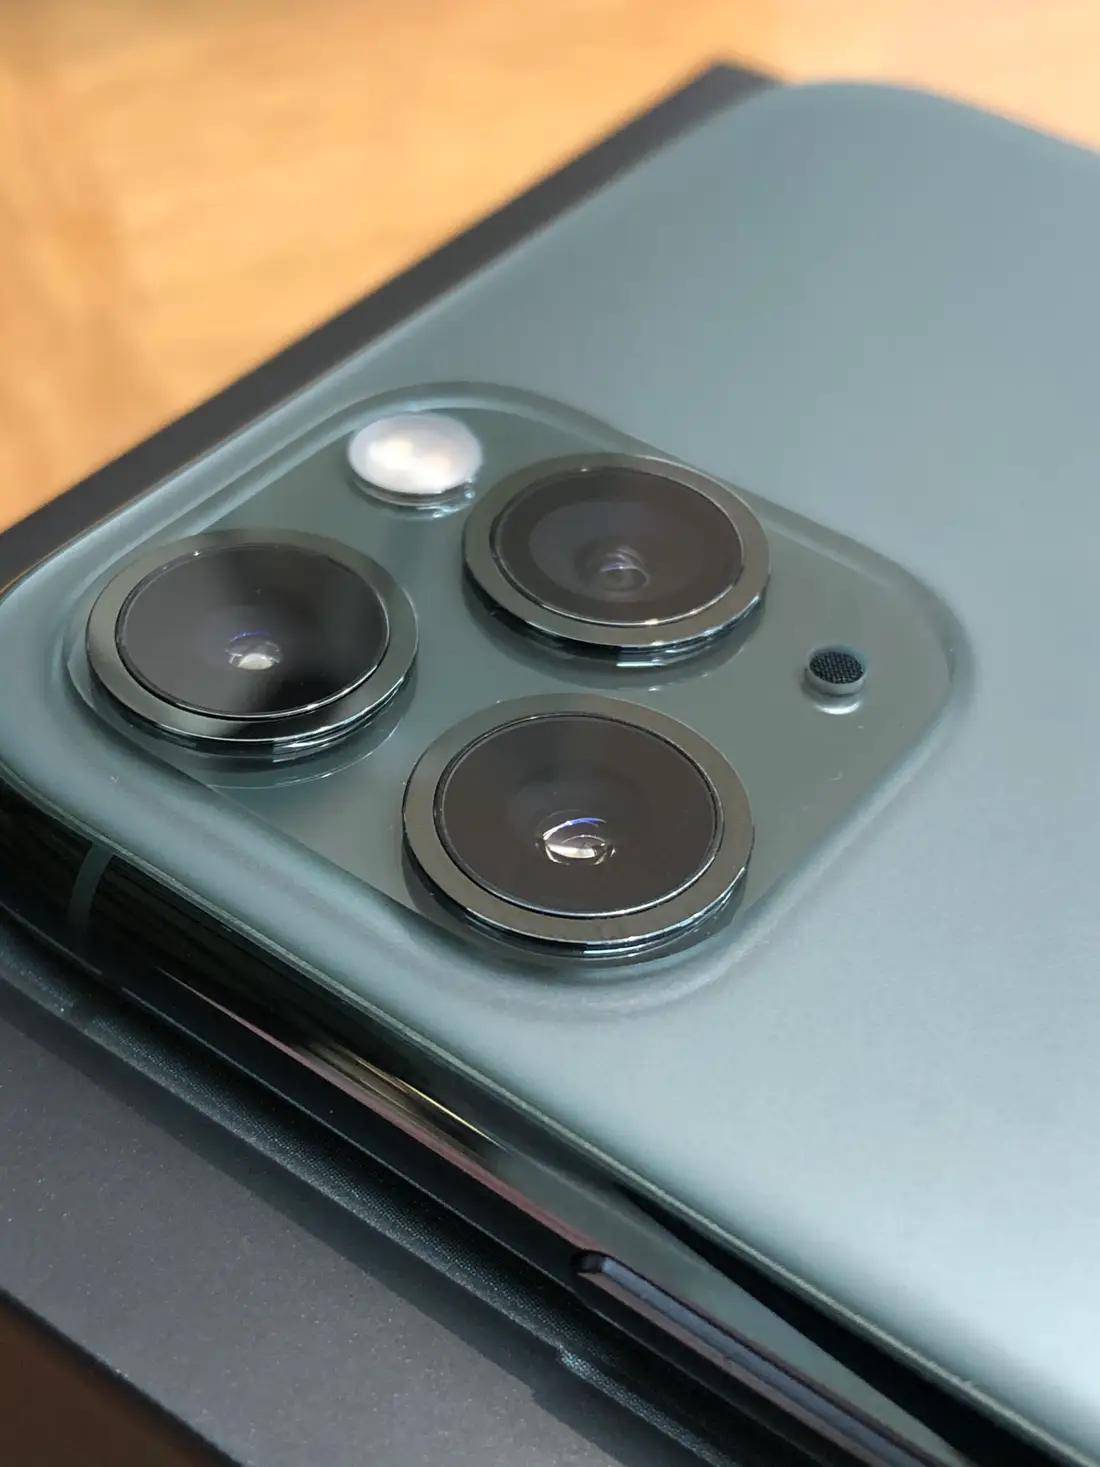 新机推出后 苹果今年正式停售4款旧iPhone